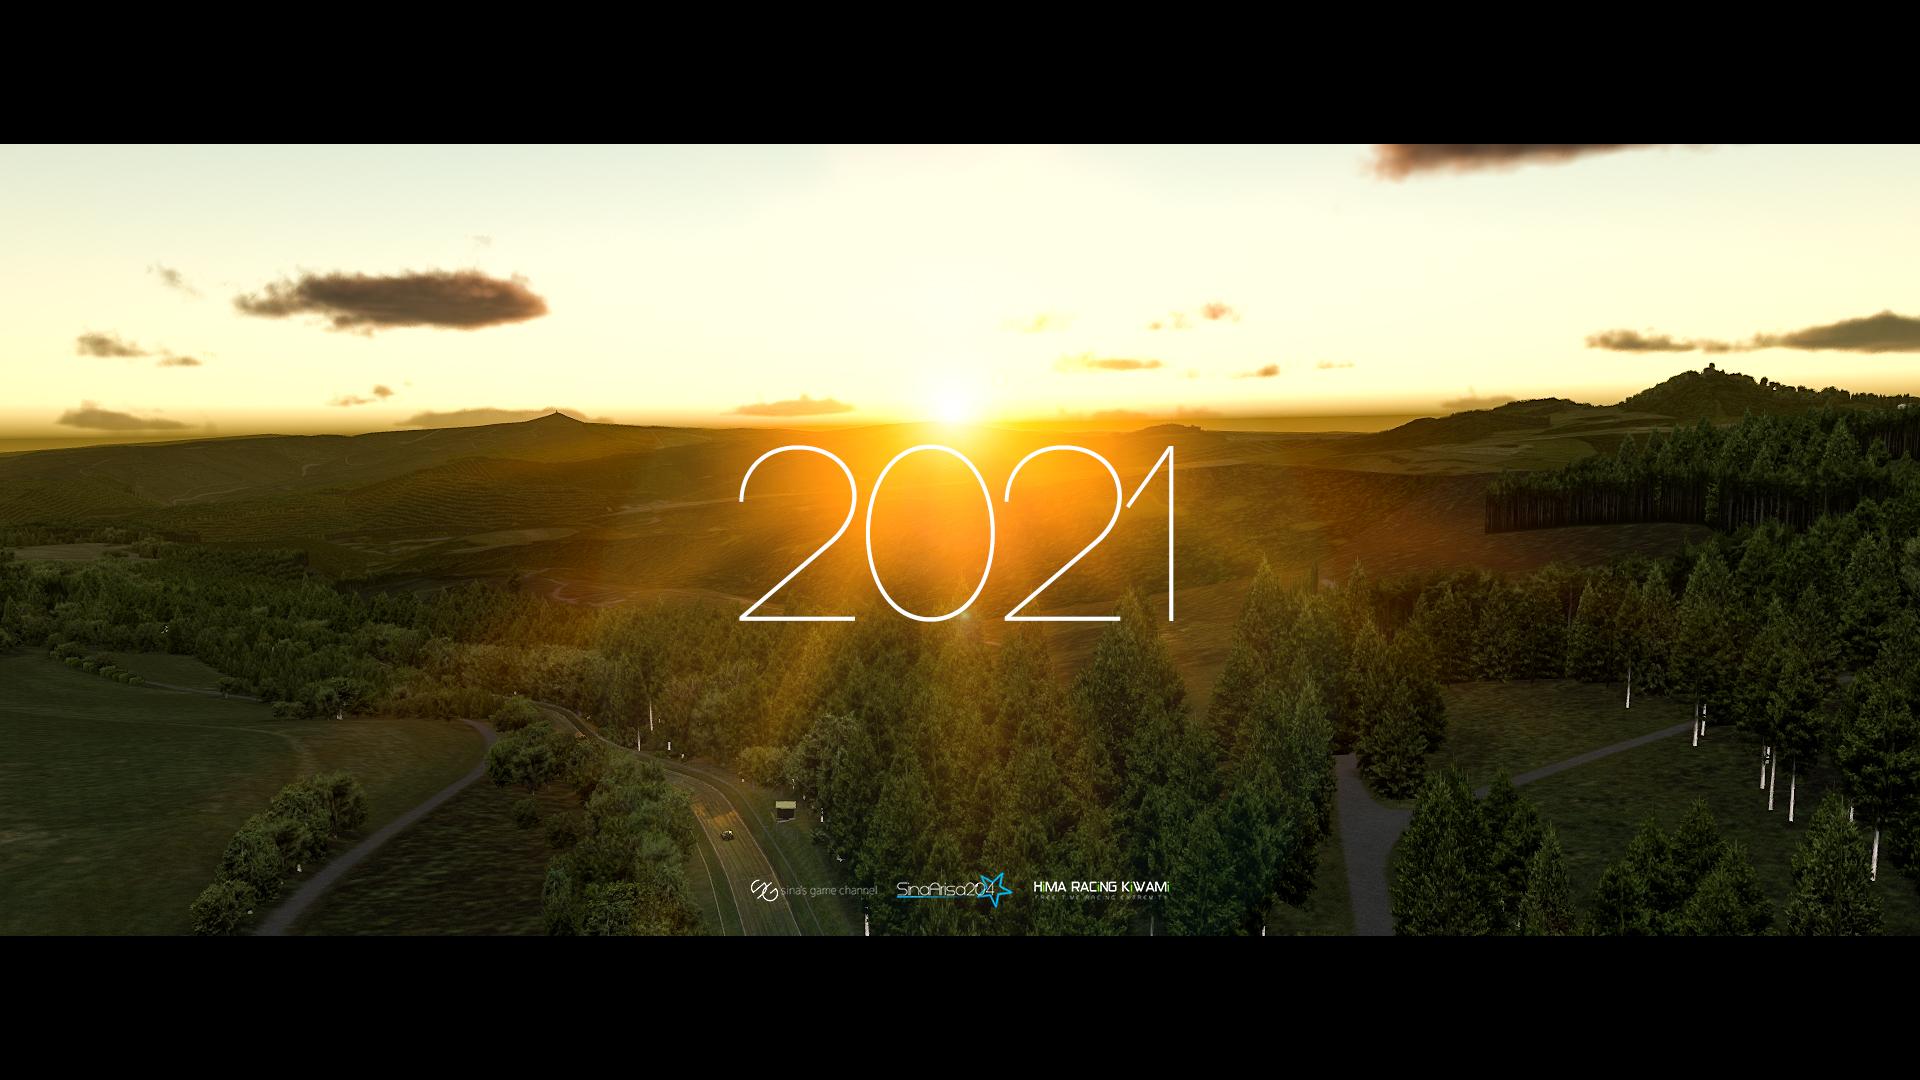 2021年、あけましておめでとうございます。